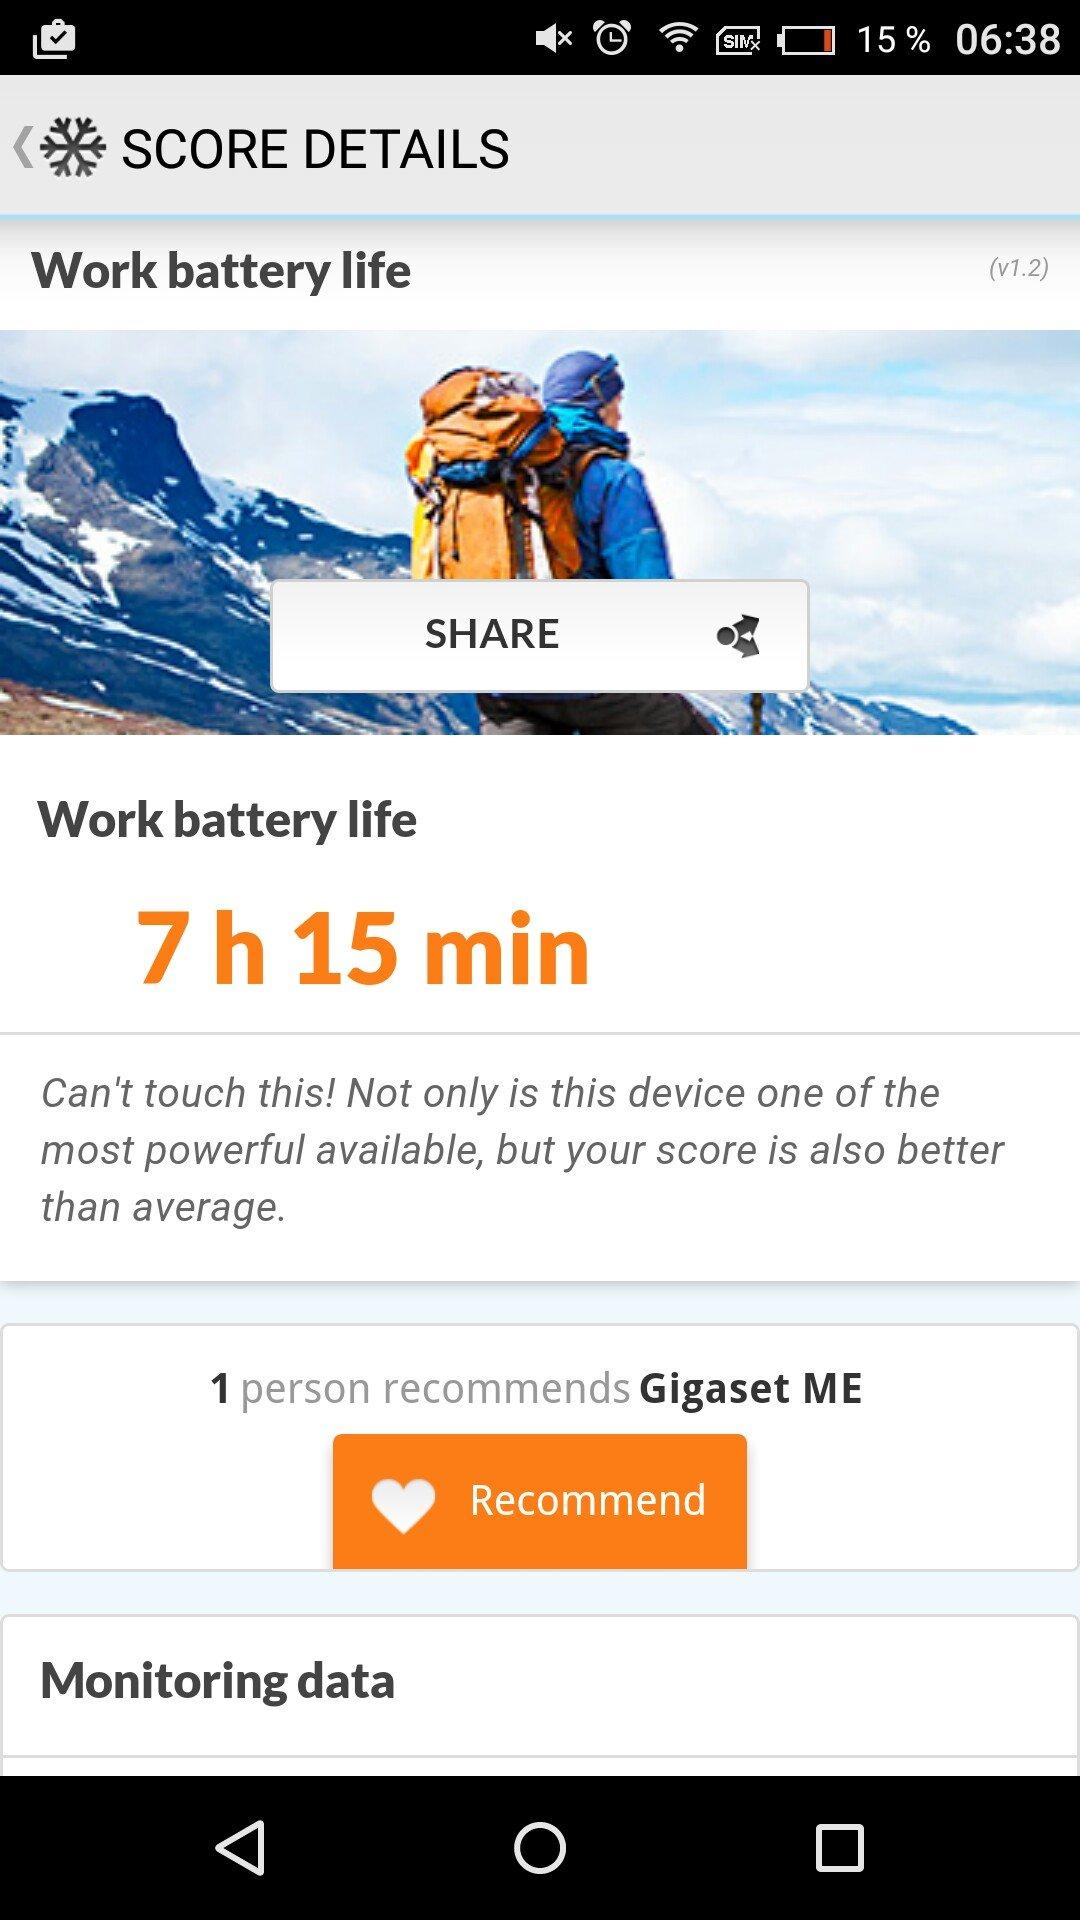 Test / Review: Gigaset ME -  edles Highend Smartphone mit kleinen Schwächen 70